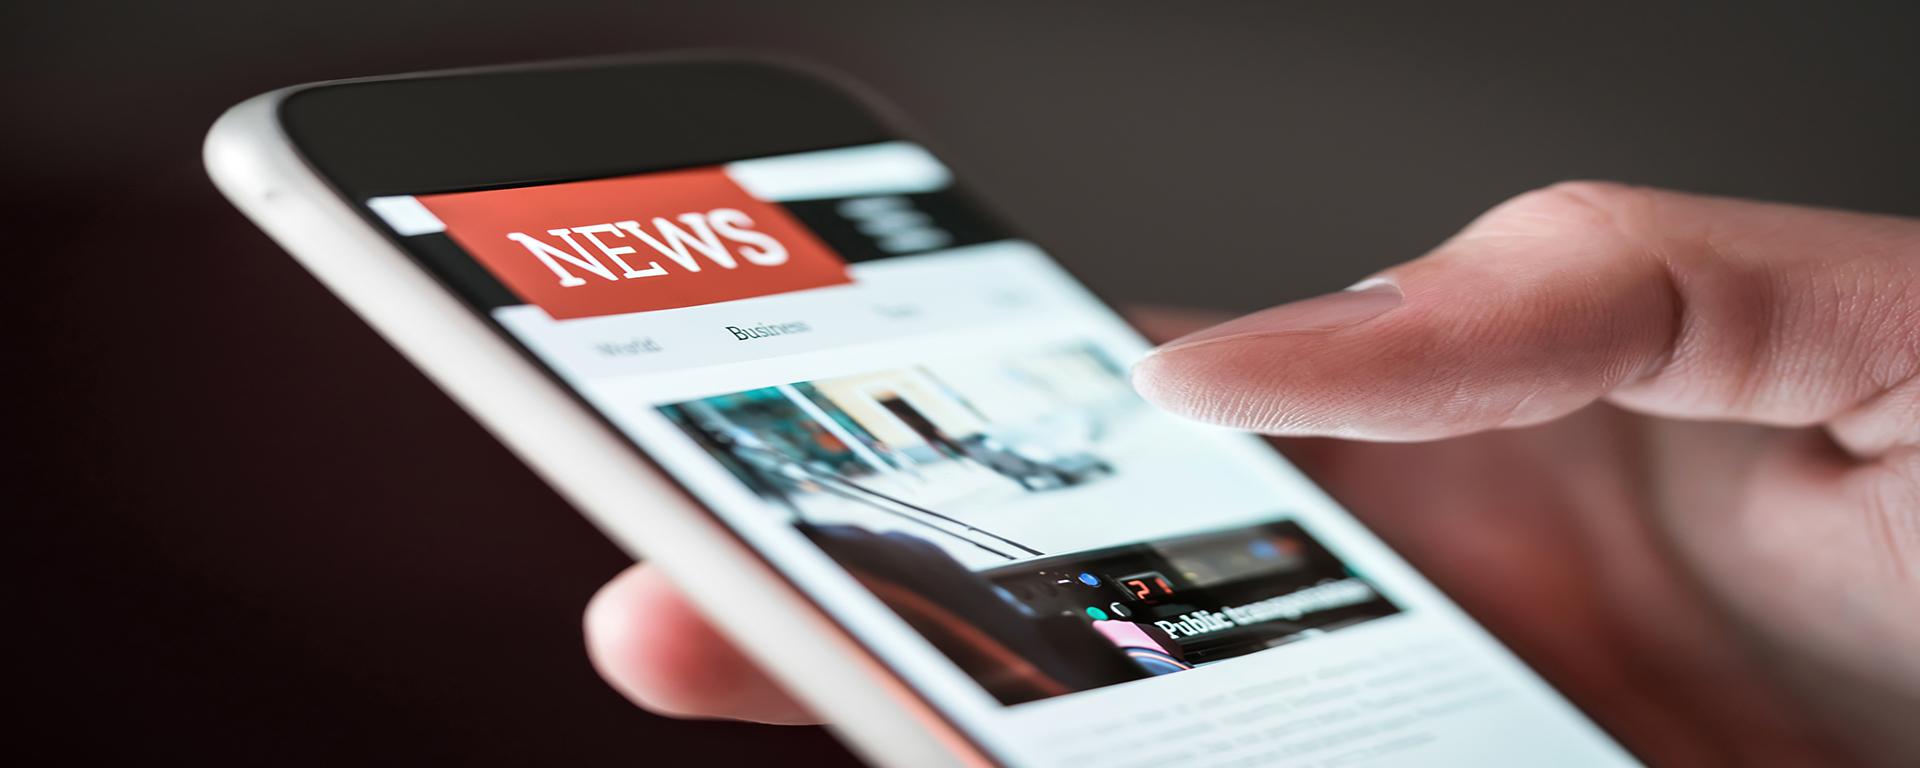 แบนเนอร์รูปมือที่กำลังถือสมาร์ทโฟน หน้าจอสมาร์ทโฟนที่แสดงให้เห็นเว็บไซต์แอป NEWS